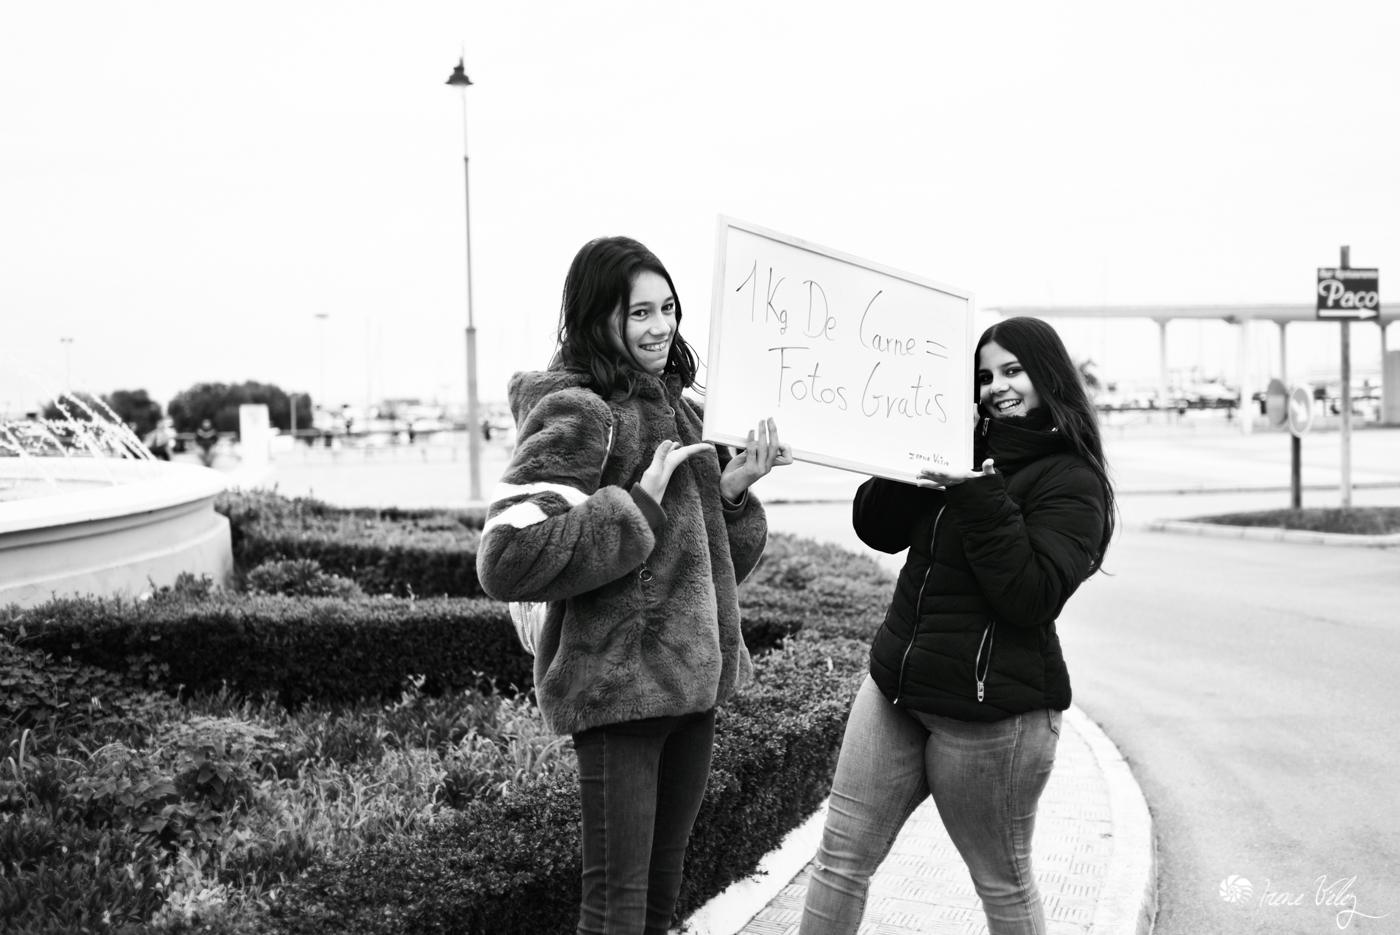 sonrie-con-causa-proyecto-solidario-irene-velez-fotografia_36